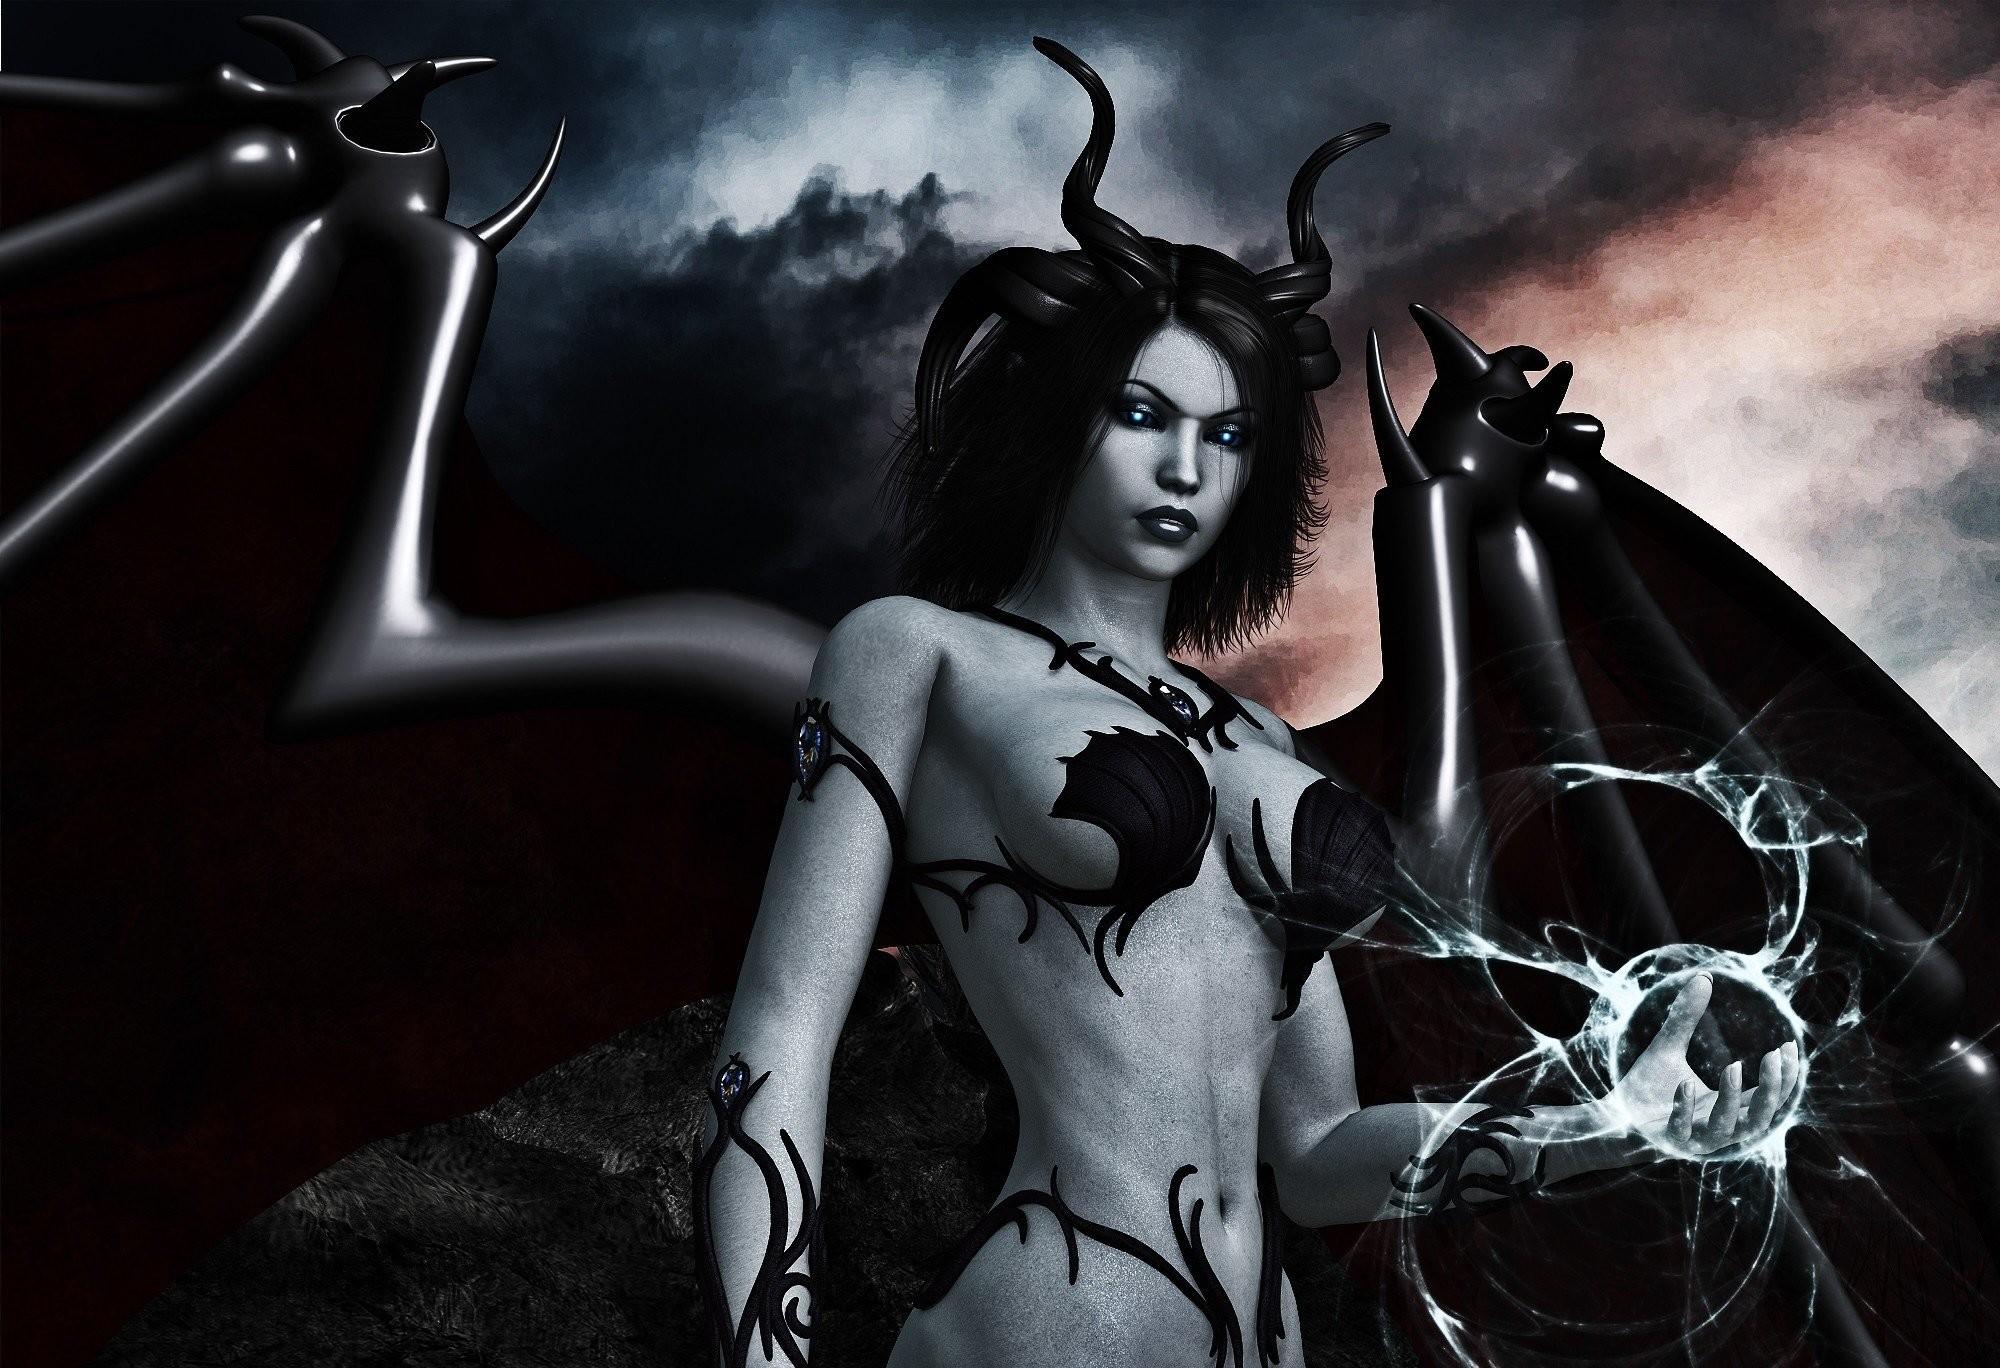 Arts Dark Wings Horns Magic Demon Girls Black Wallpaper At Dark Wallpapers